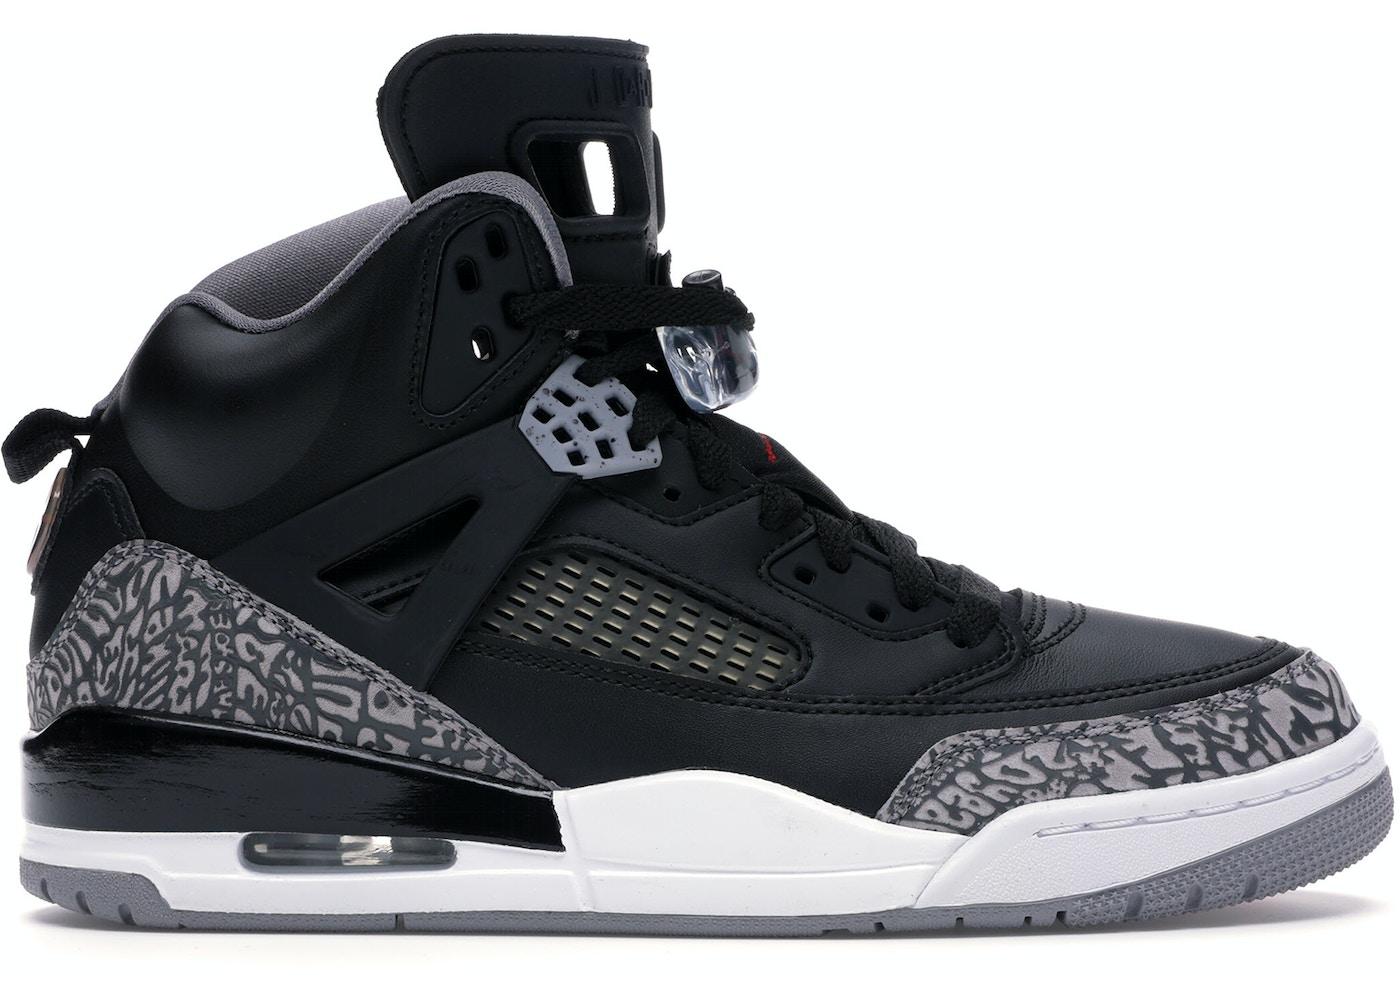 best website aa62d 7e70a Jordan Spizike Black Cement